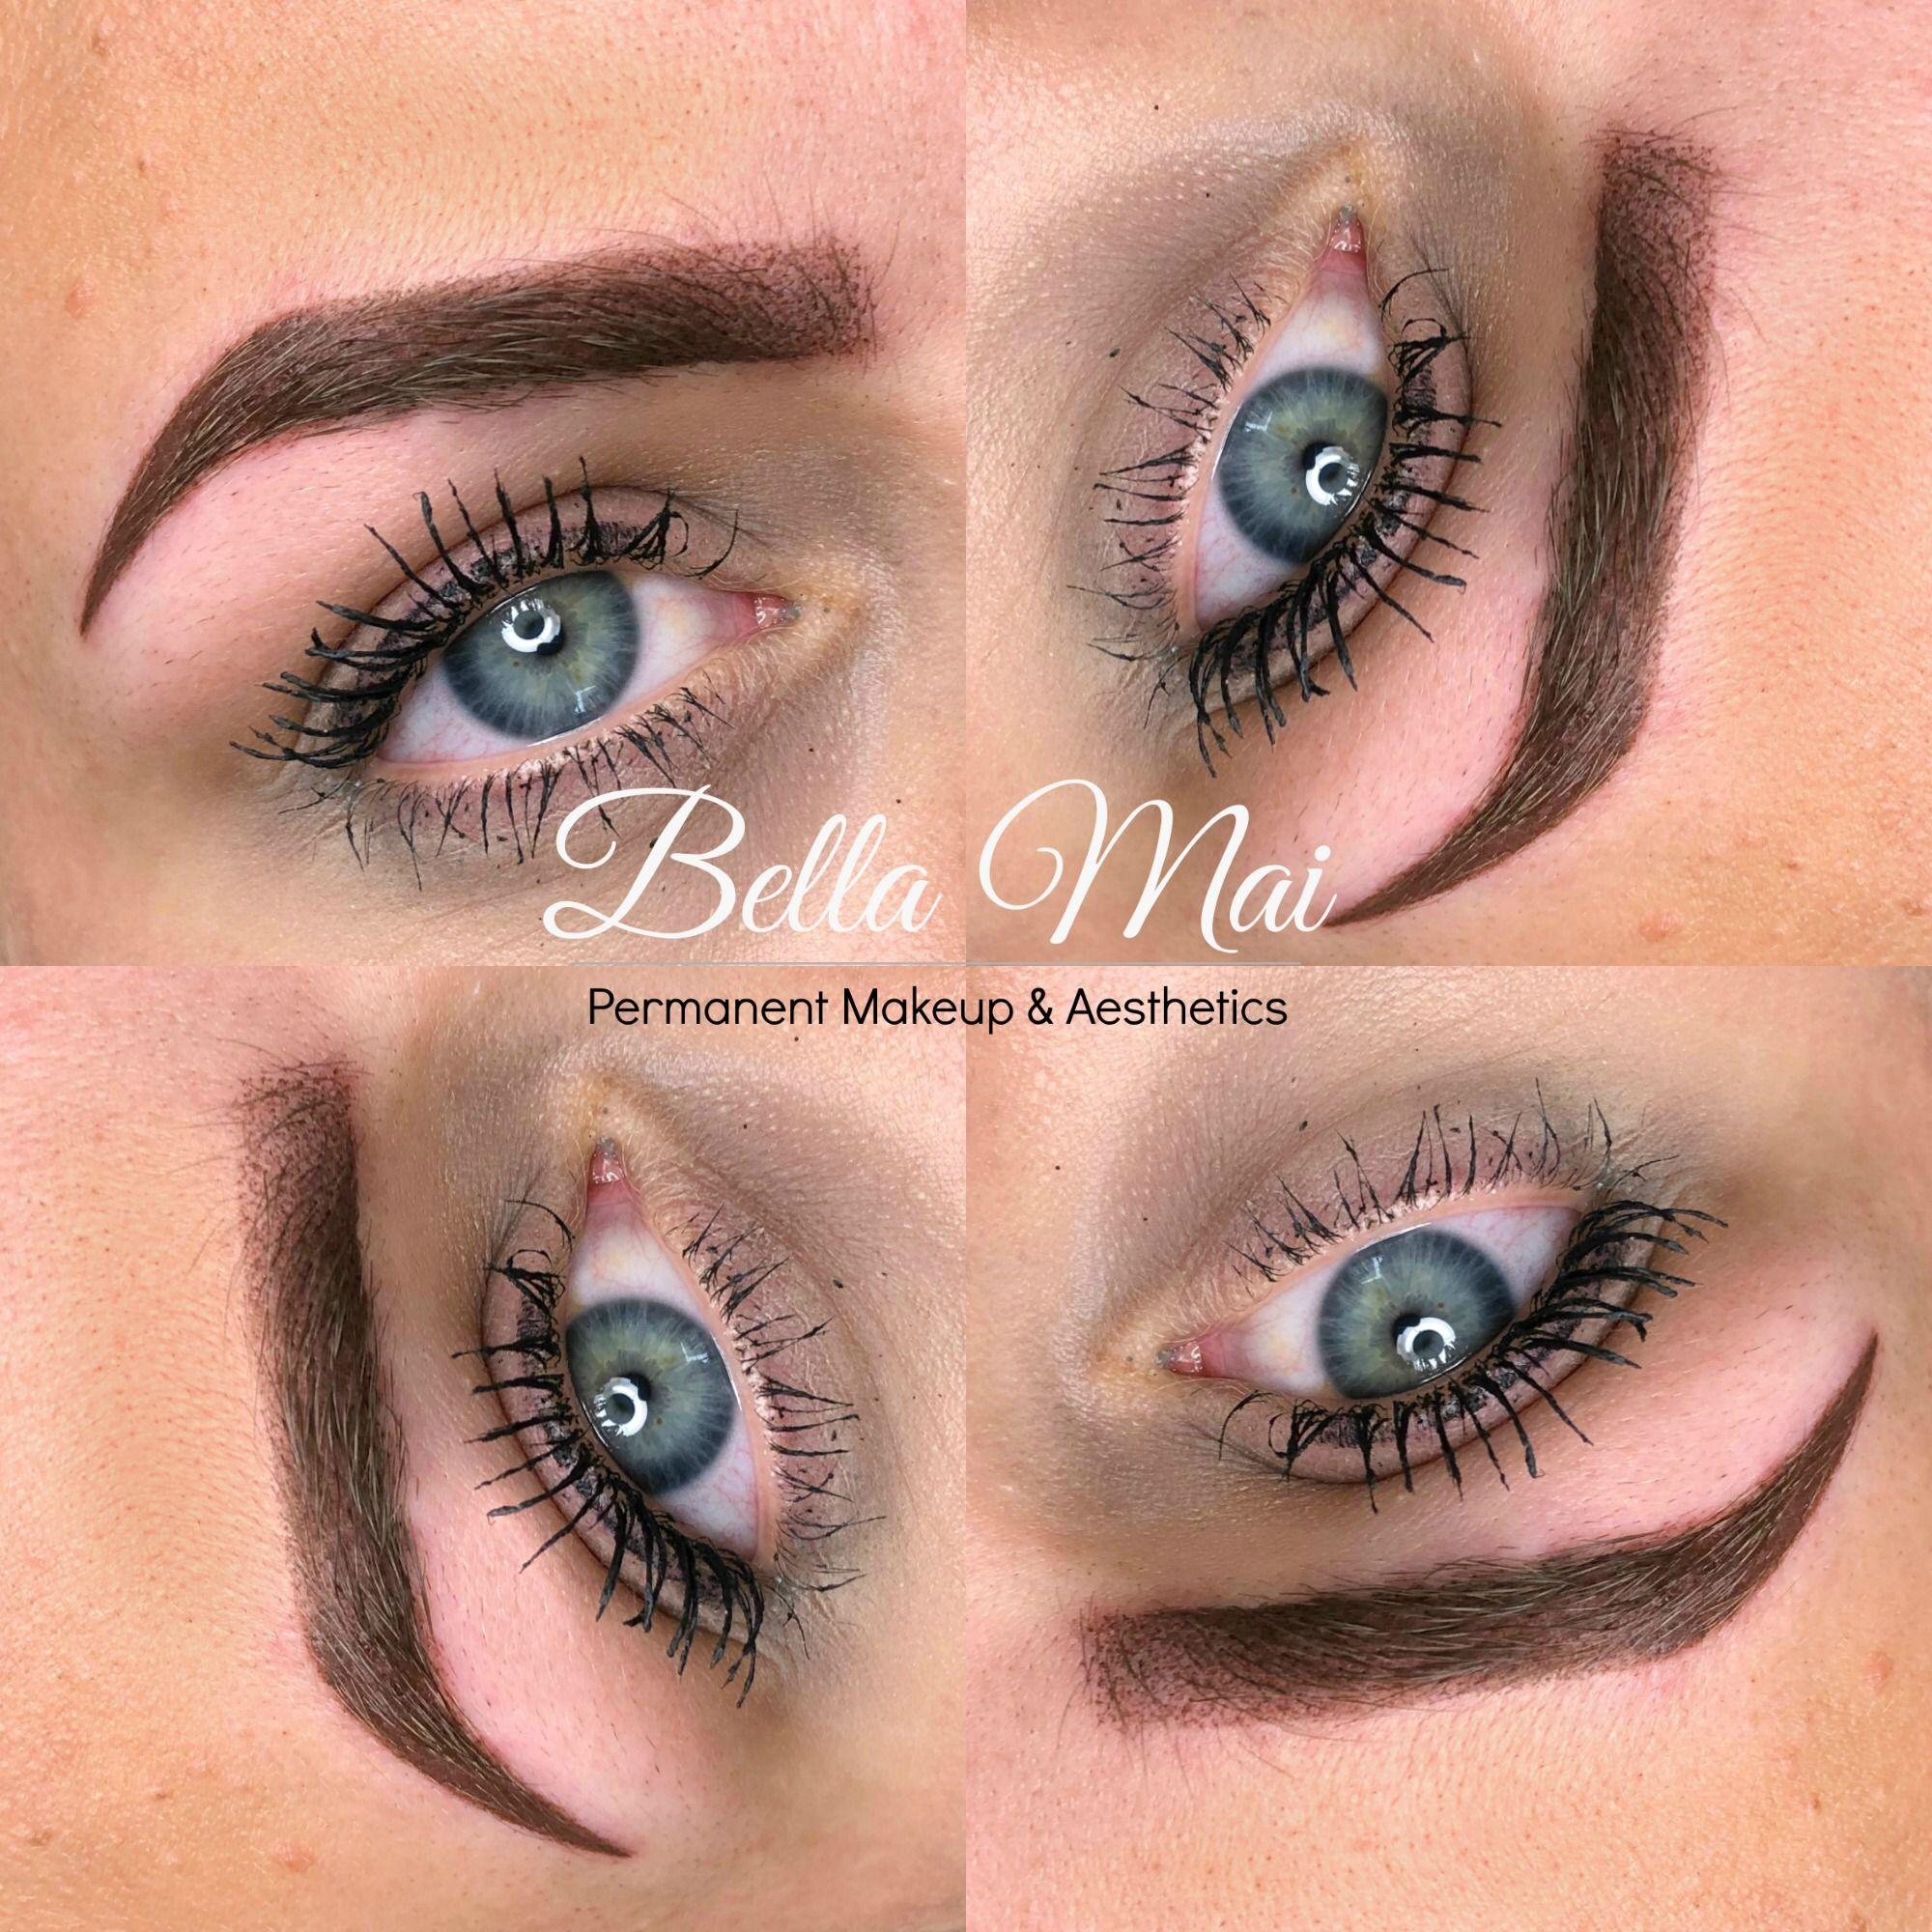 Ombre Eyebrows Ombre eyebrows, Permanent makeup, Eyebrow